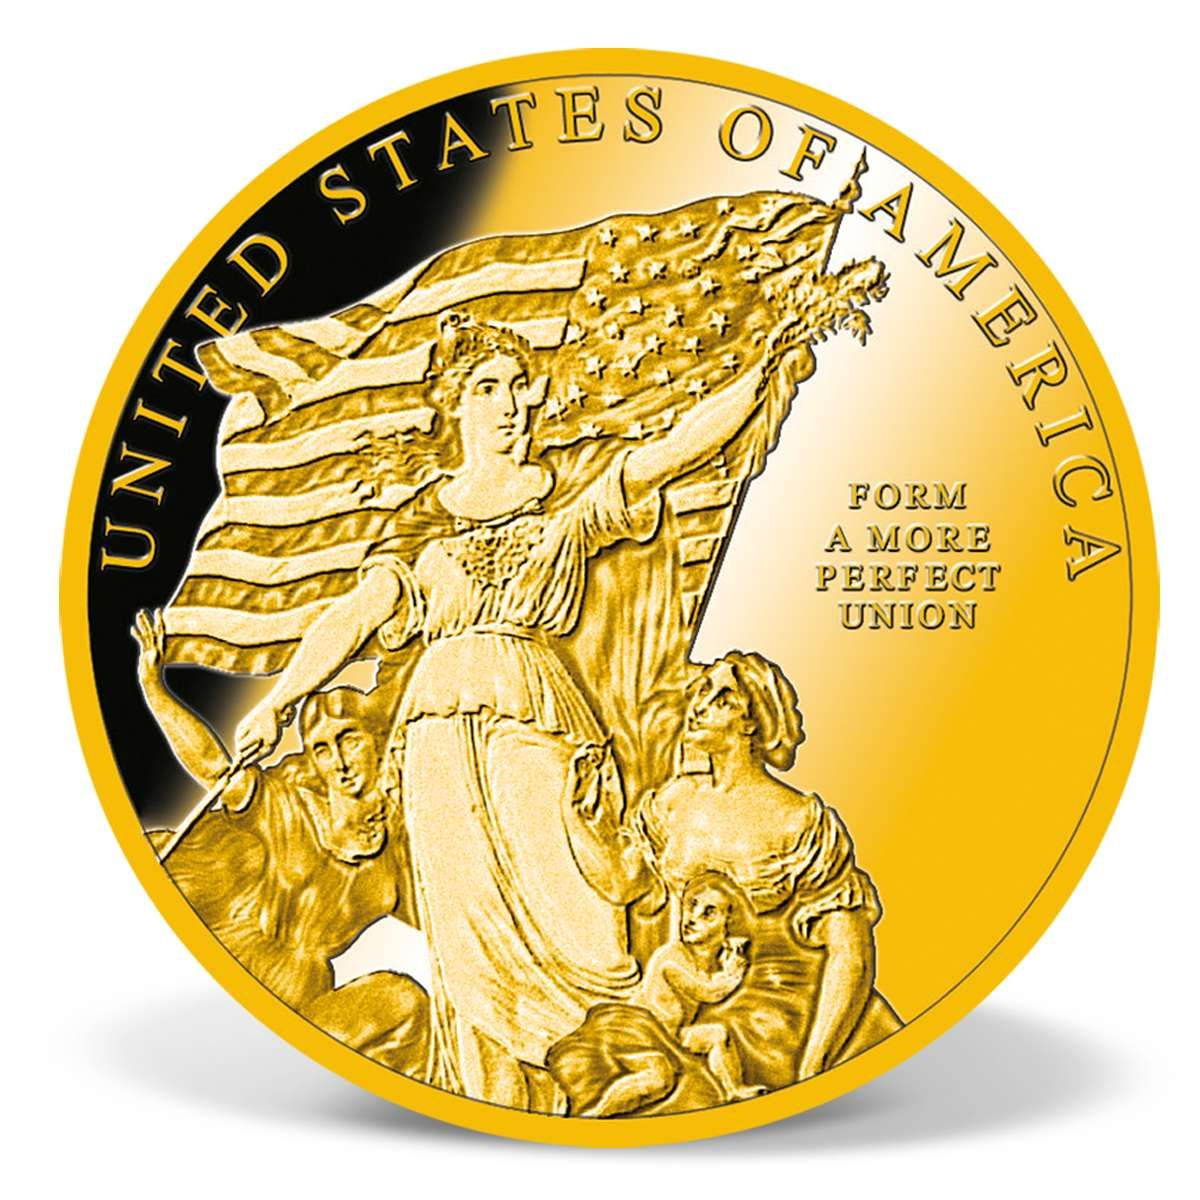 Form A More Perfect Union Commemorative Coin